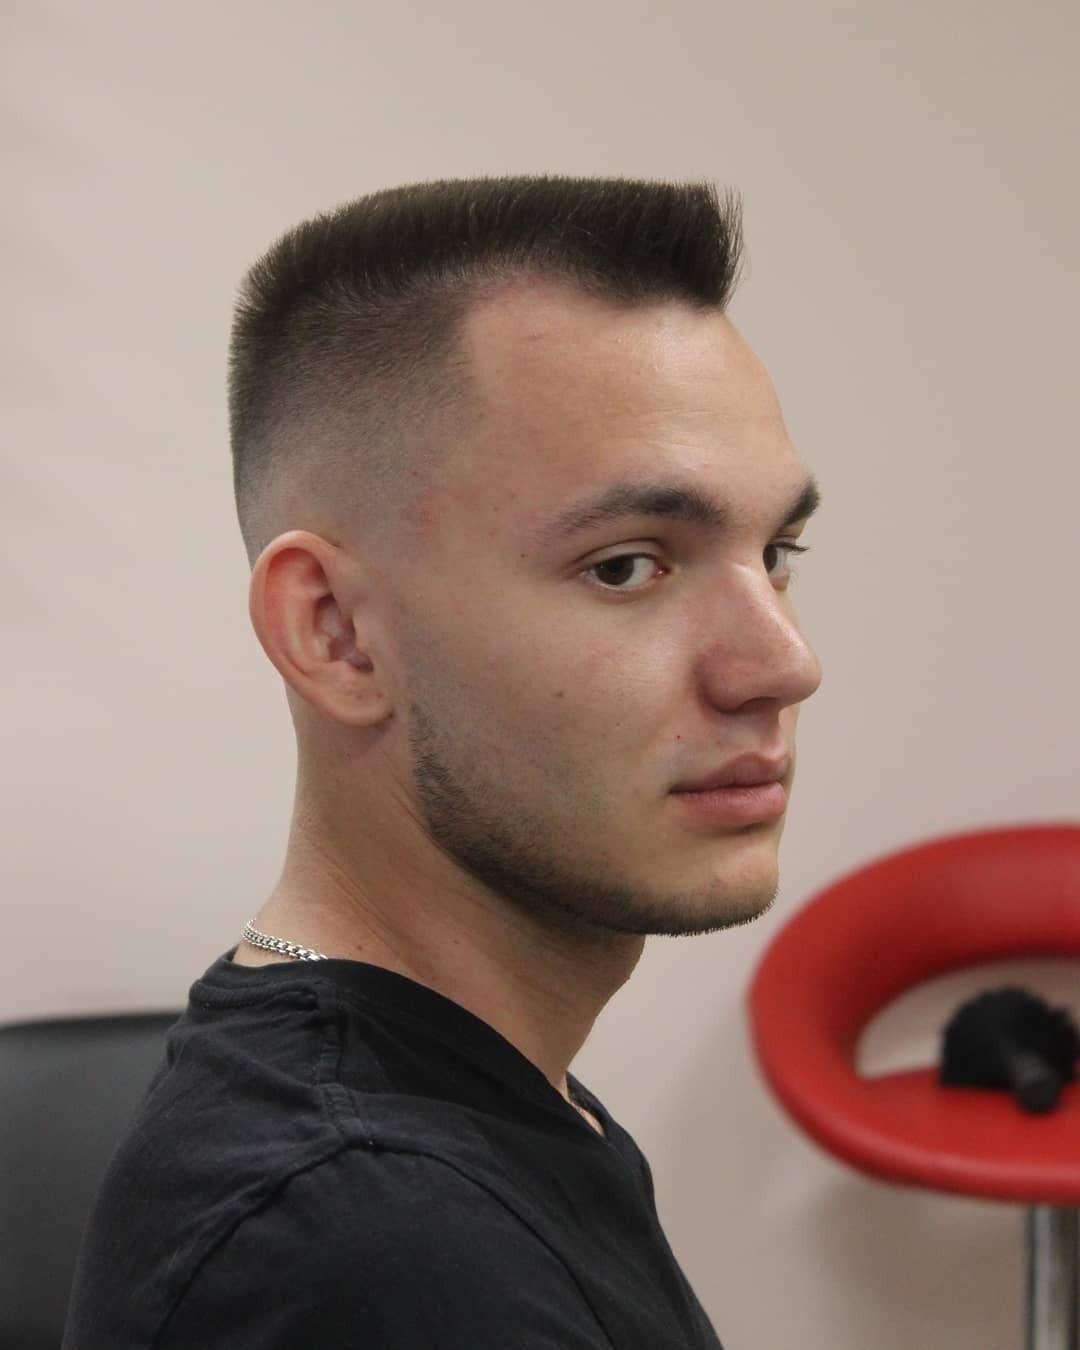 Pin On Flat Top Haircuts